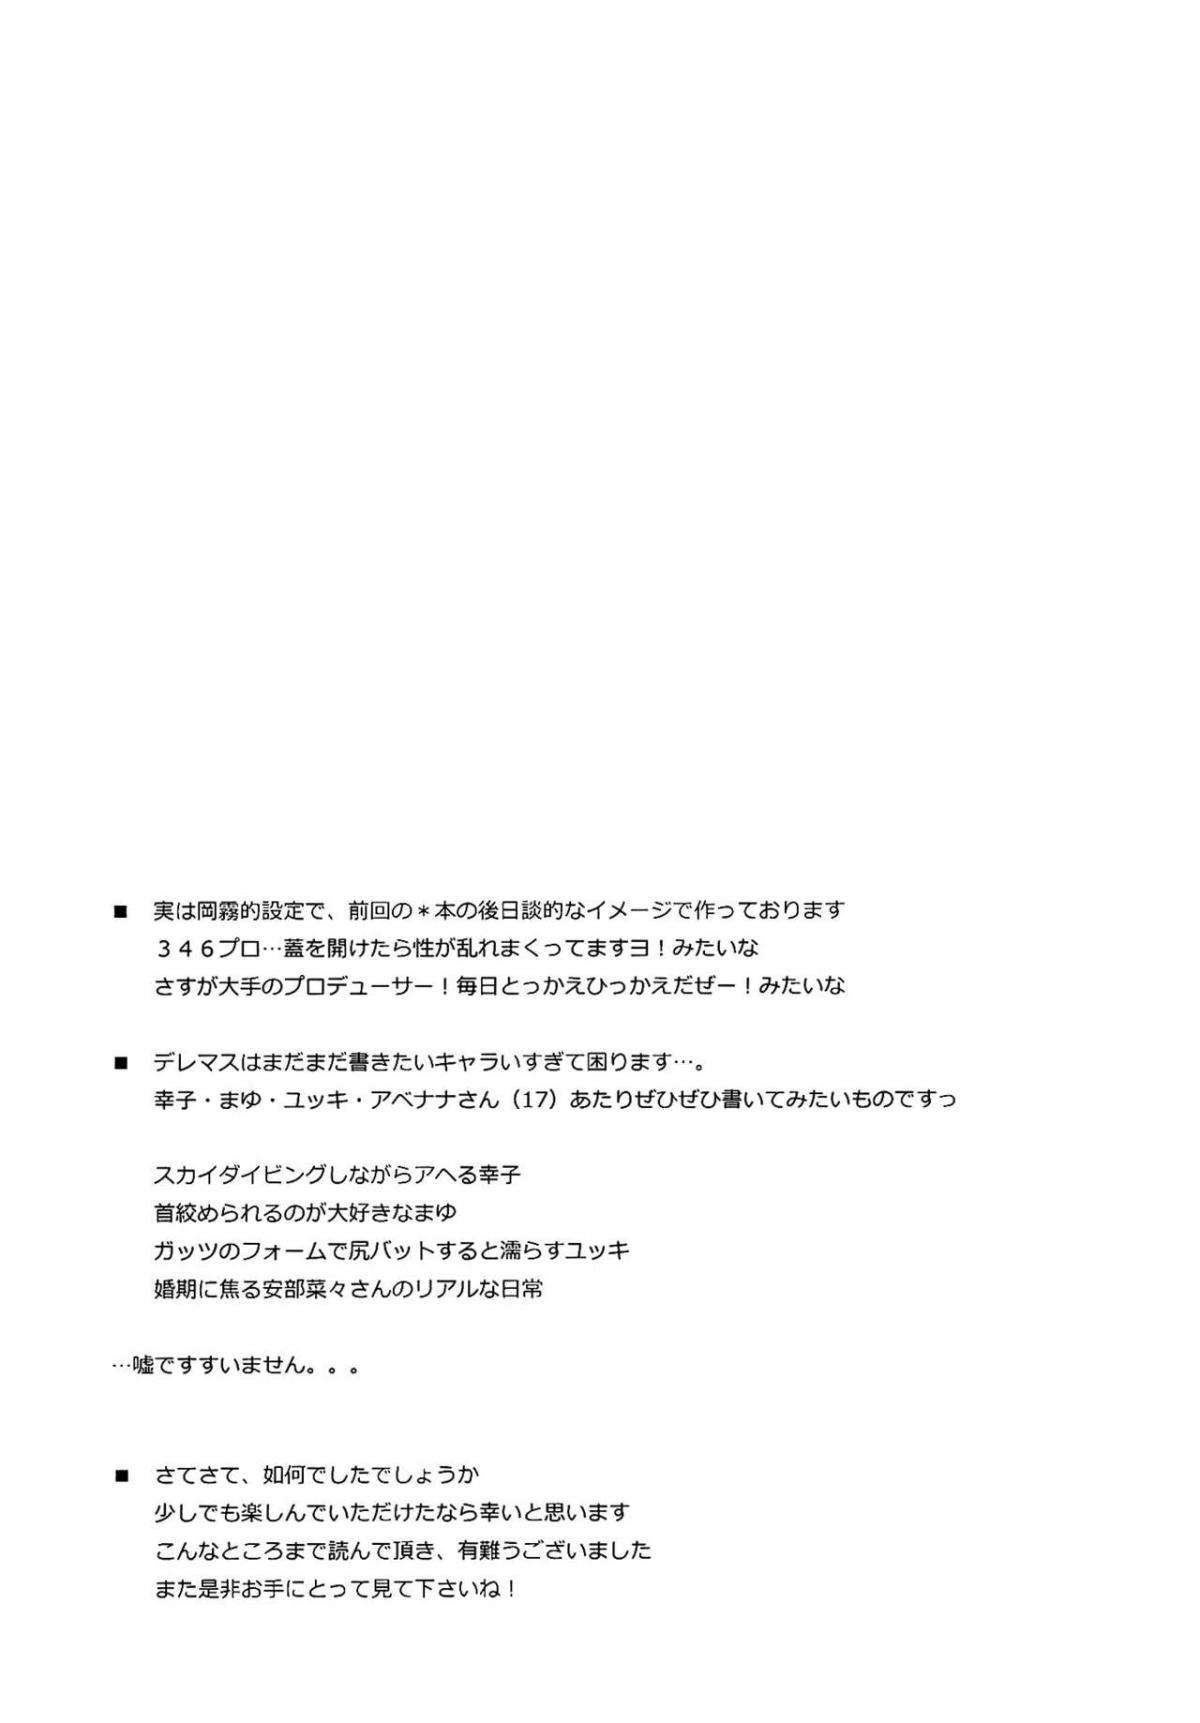 HentaiVN.net - Ảnh 22 - THE IDOLMASTER CINDERELLA GIRLS - Oneshot